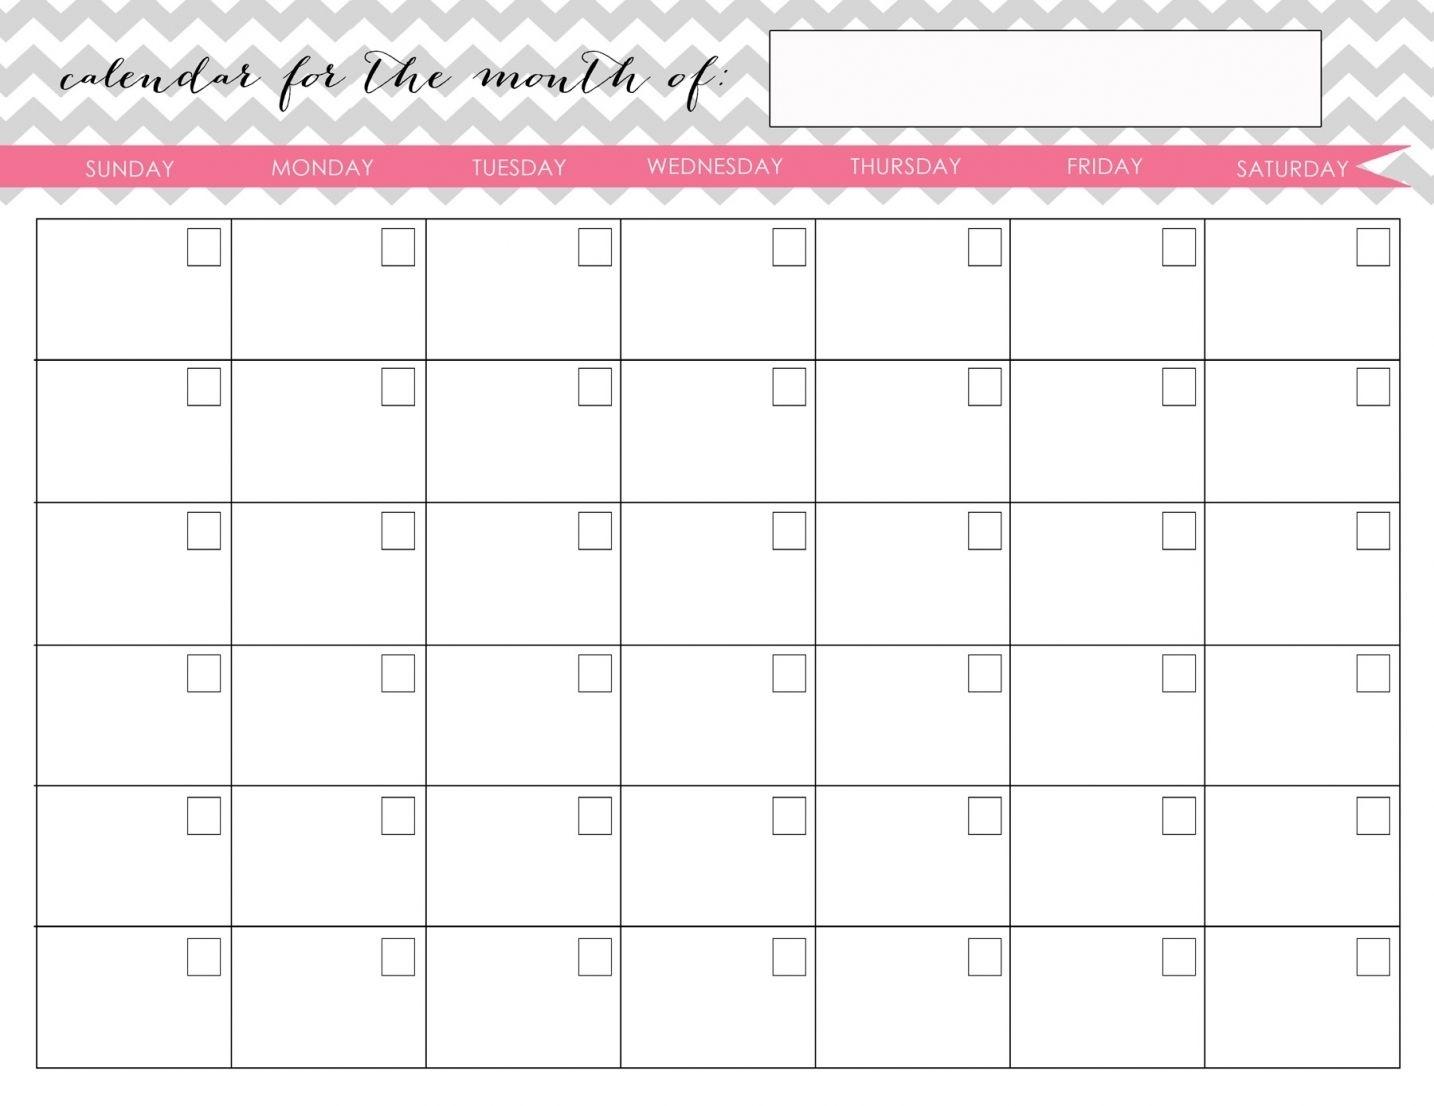 My Homekeeping Binder Kit   Blank Monthly Calendar Extraordinary Printable Binder Monthly Calender Blank